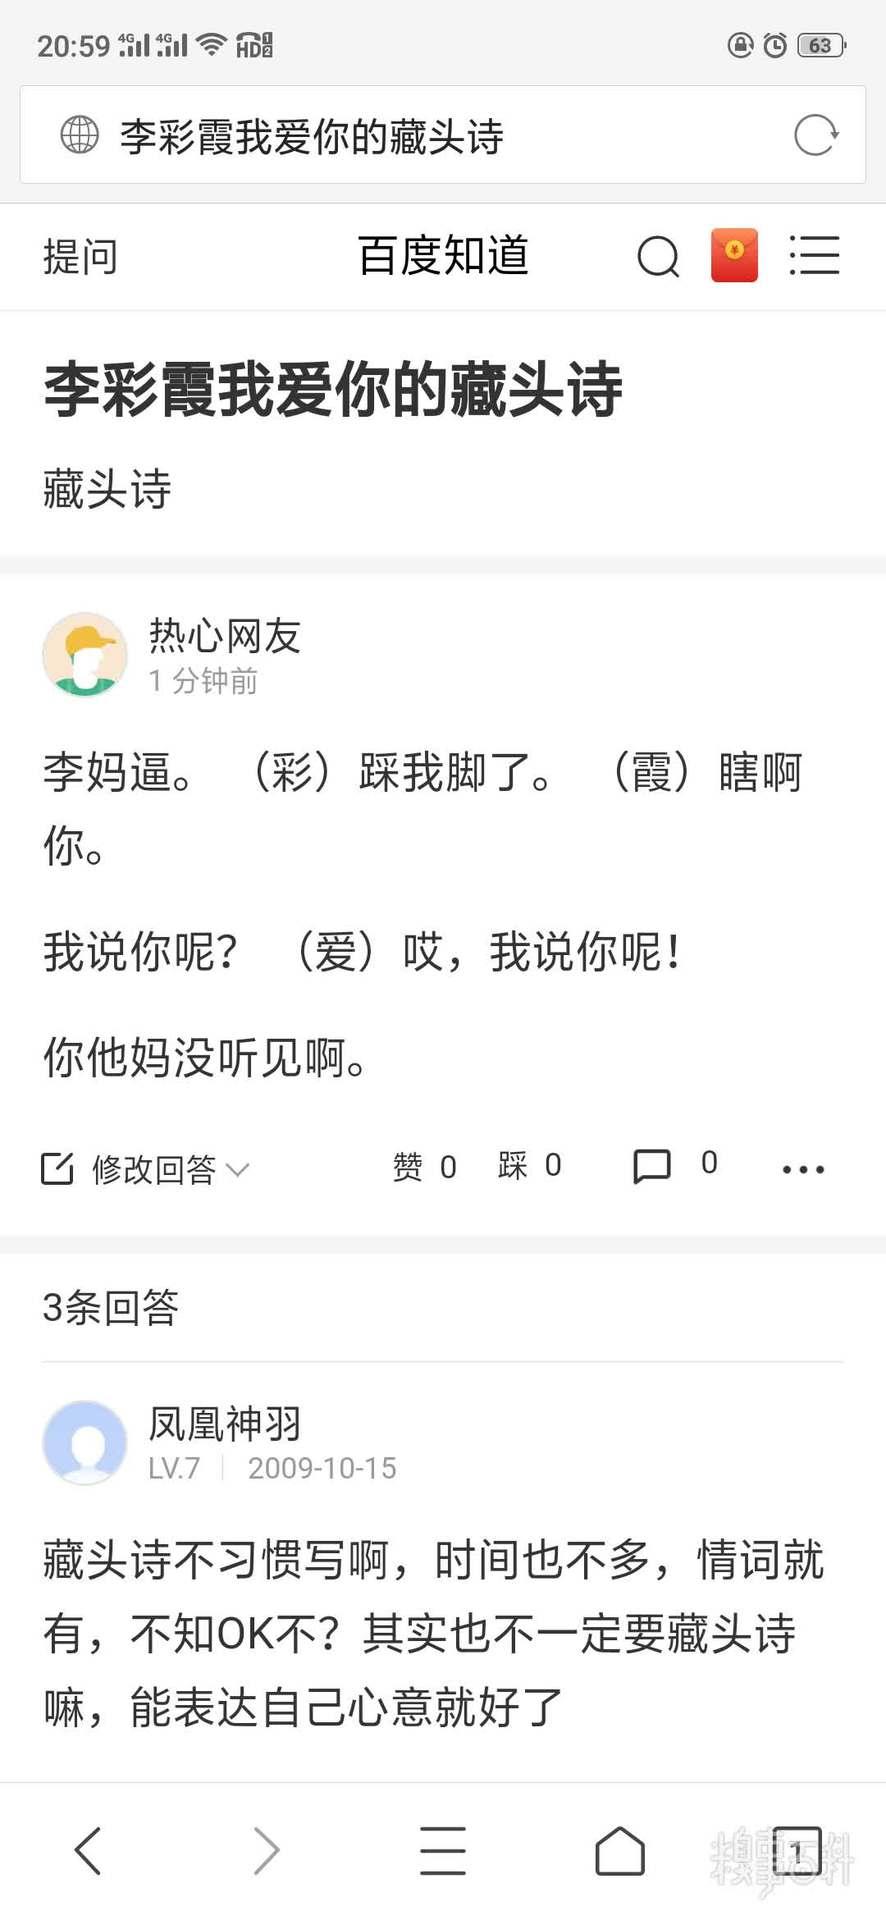 期银大跌7.99% 云南沾益县最旱年调查